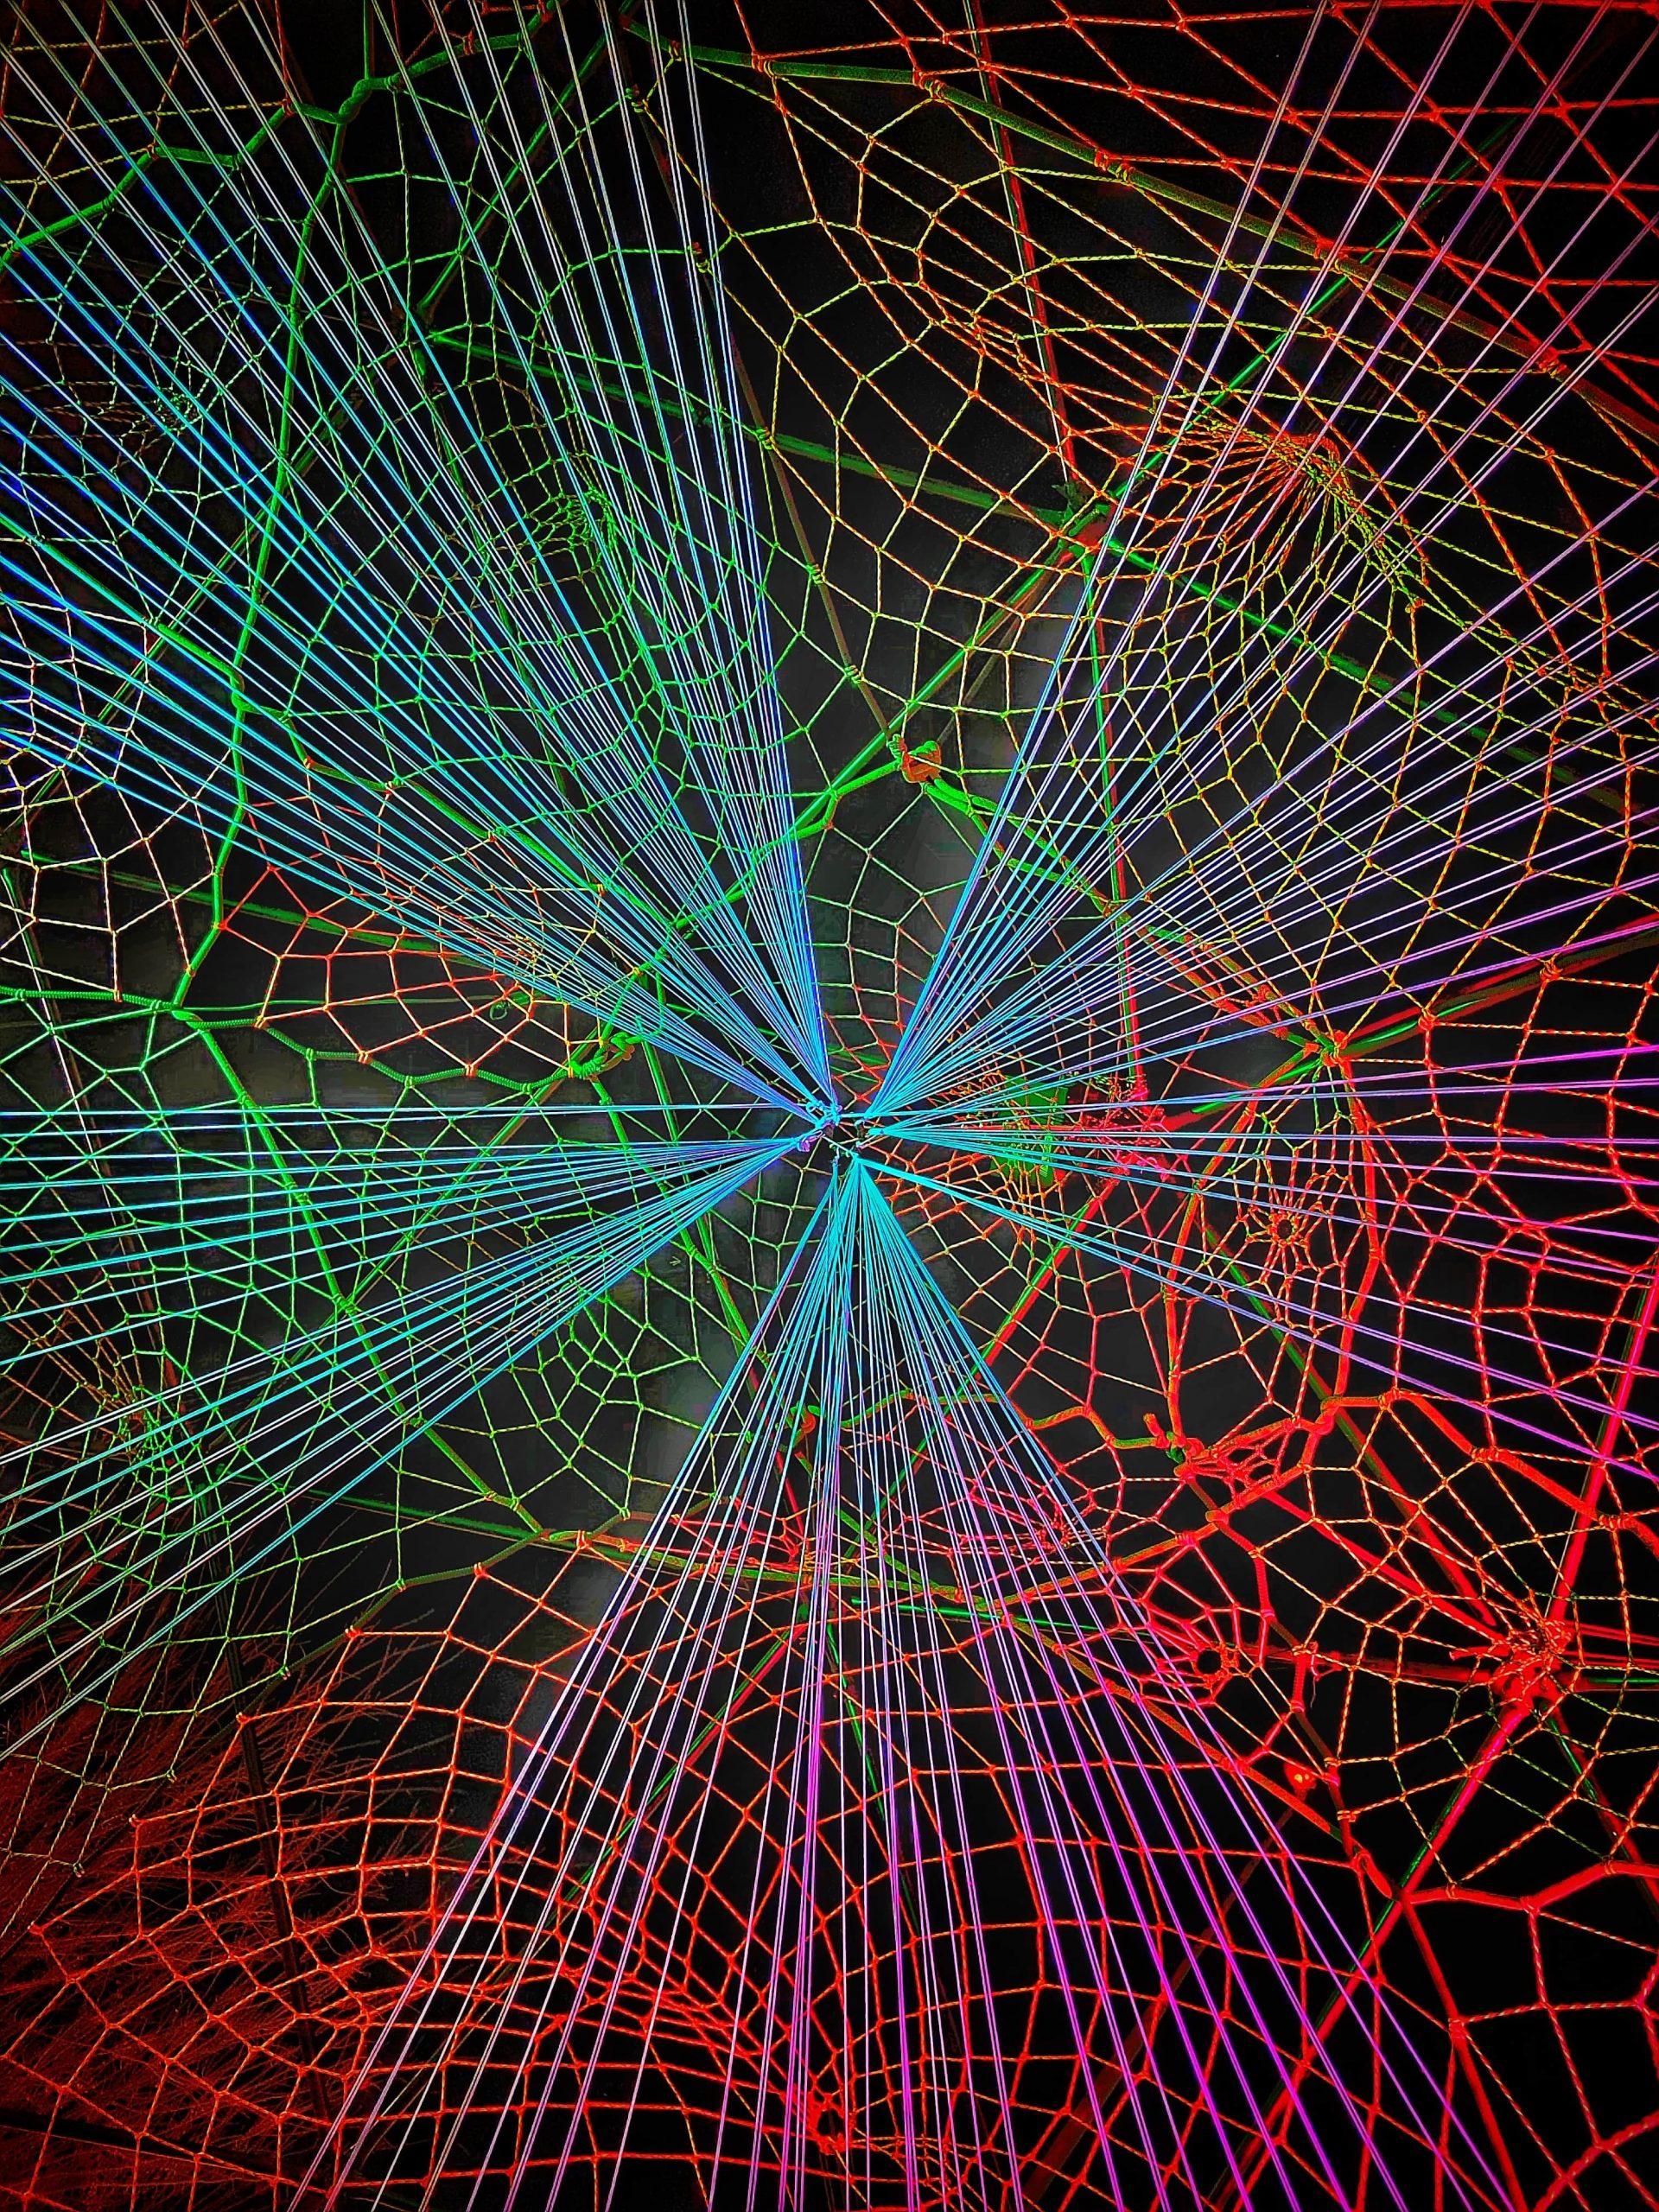 Neuro Net